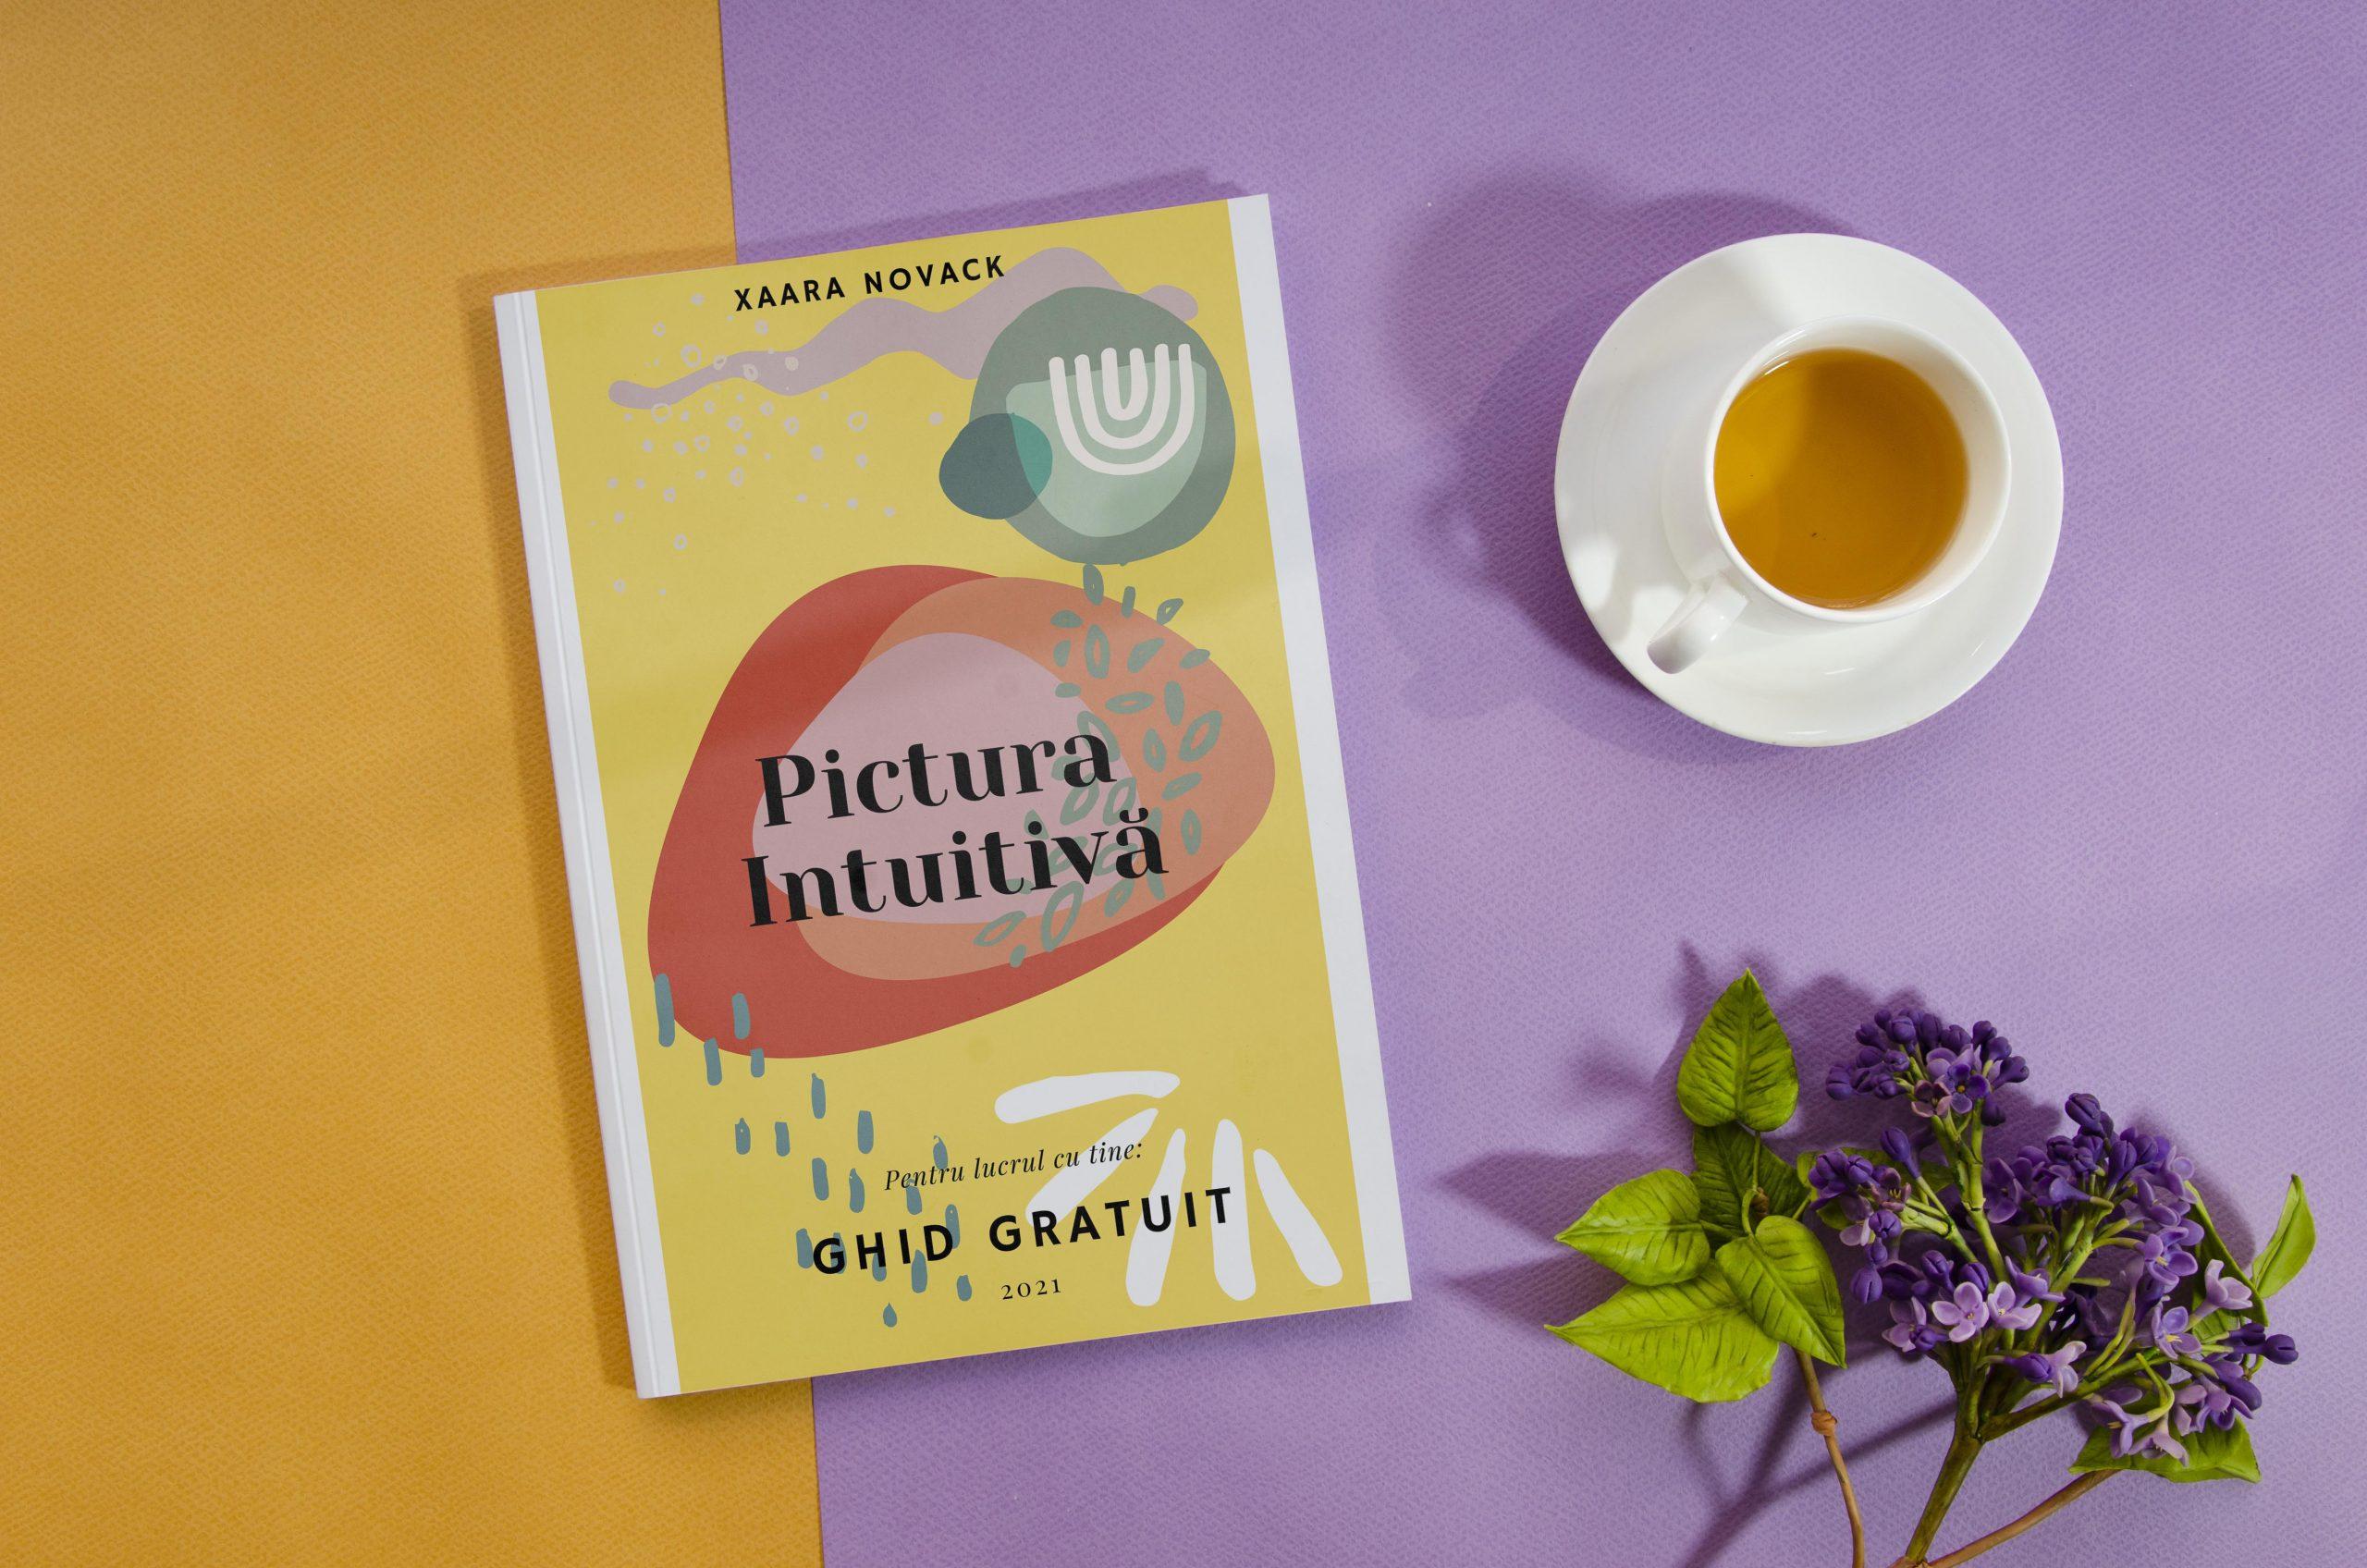 Pictura intuitivă carte